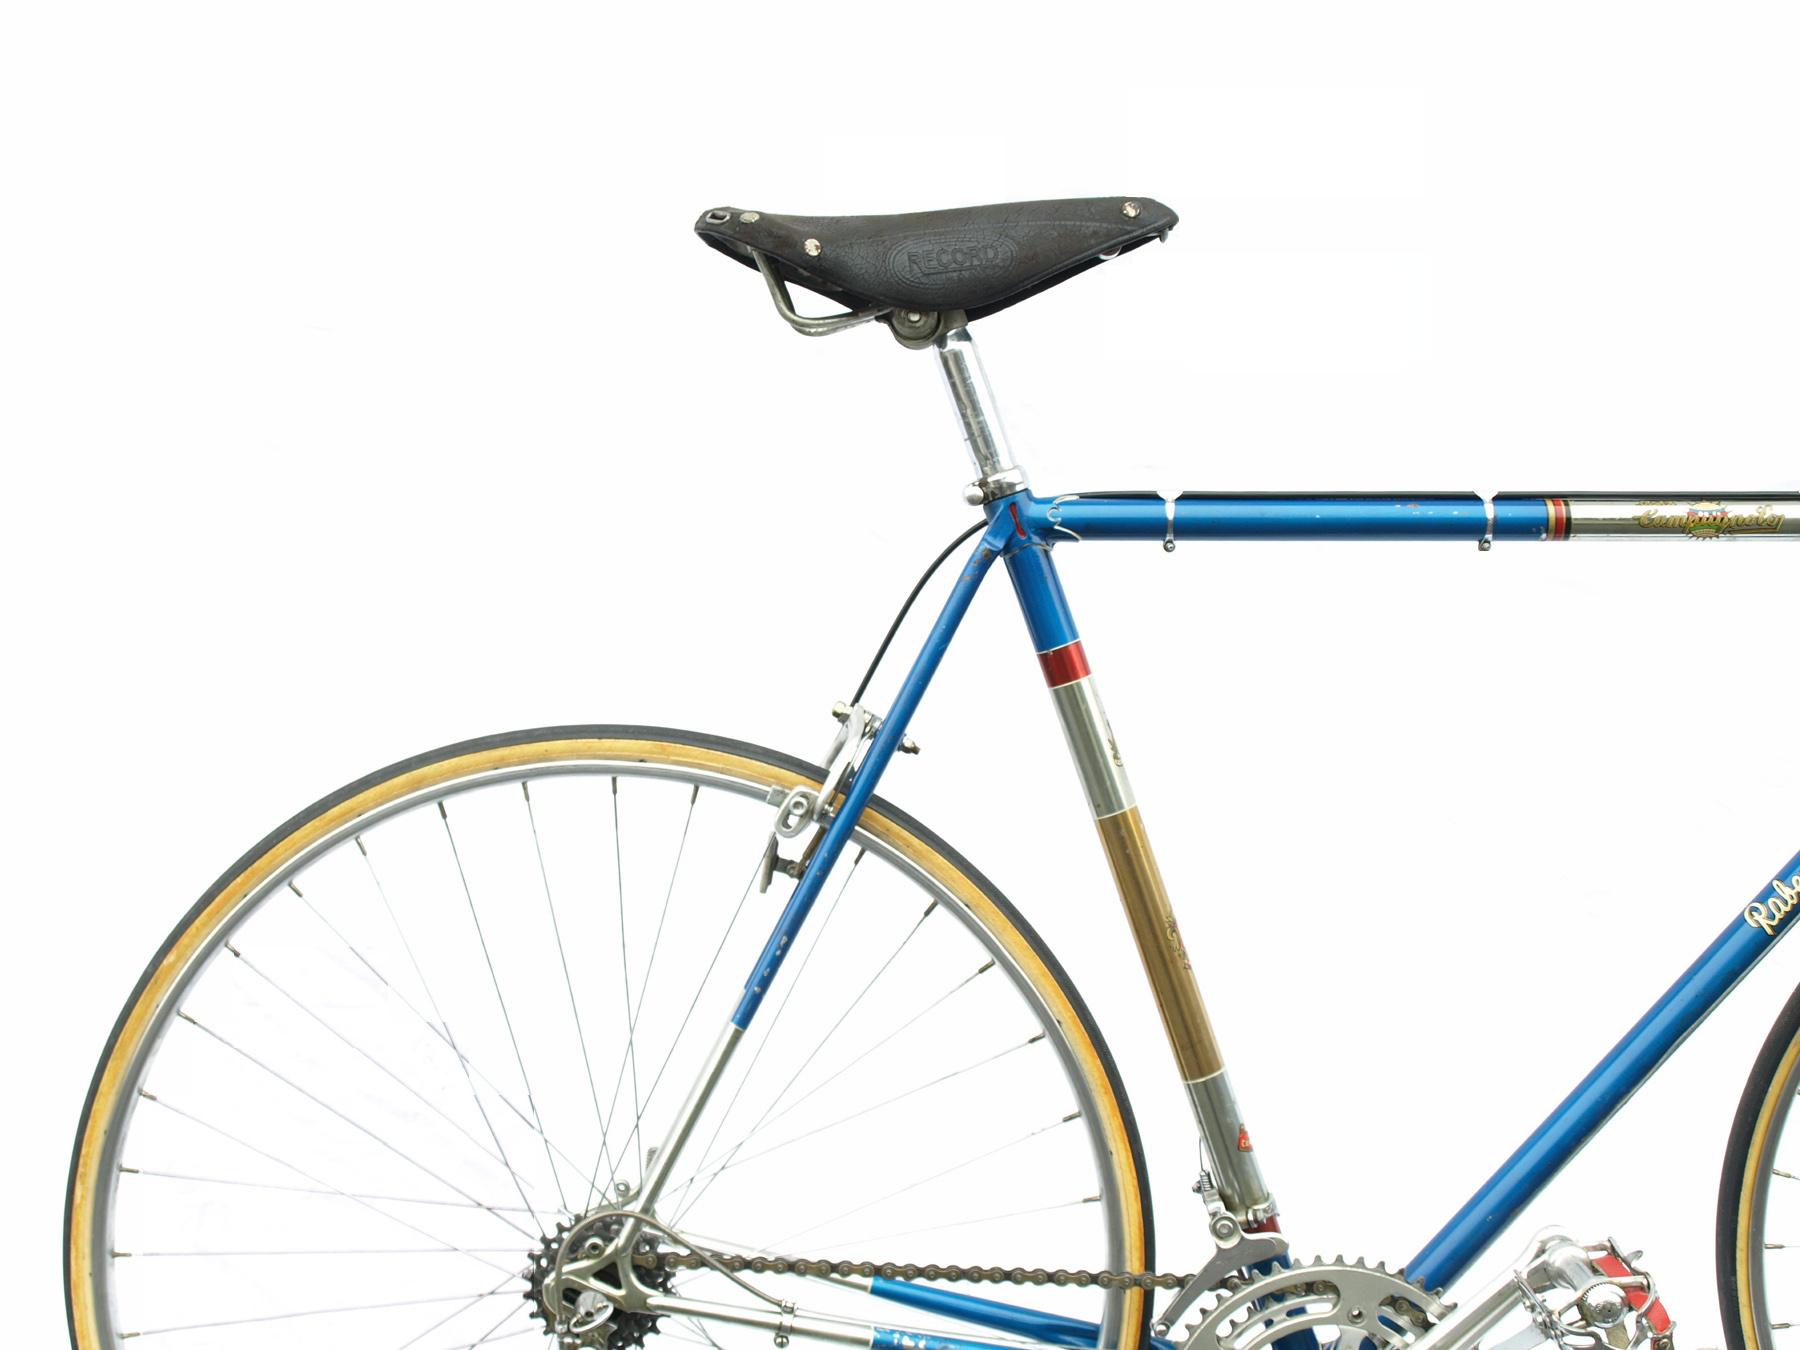 60 Cm Frame Road Bike